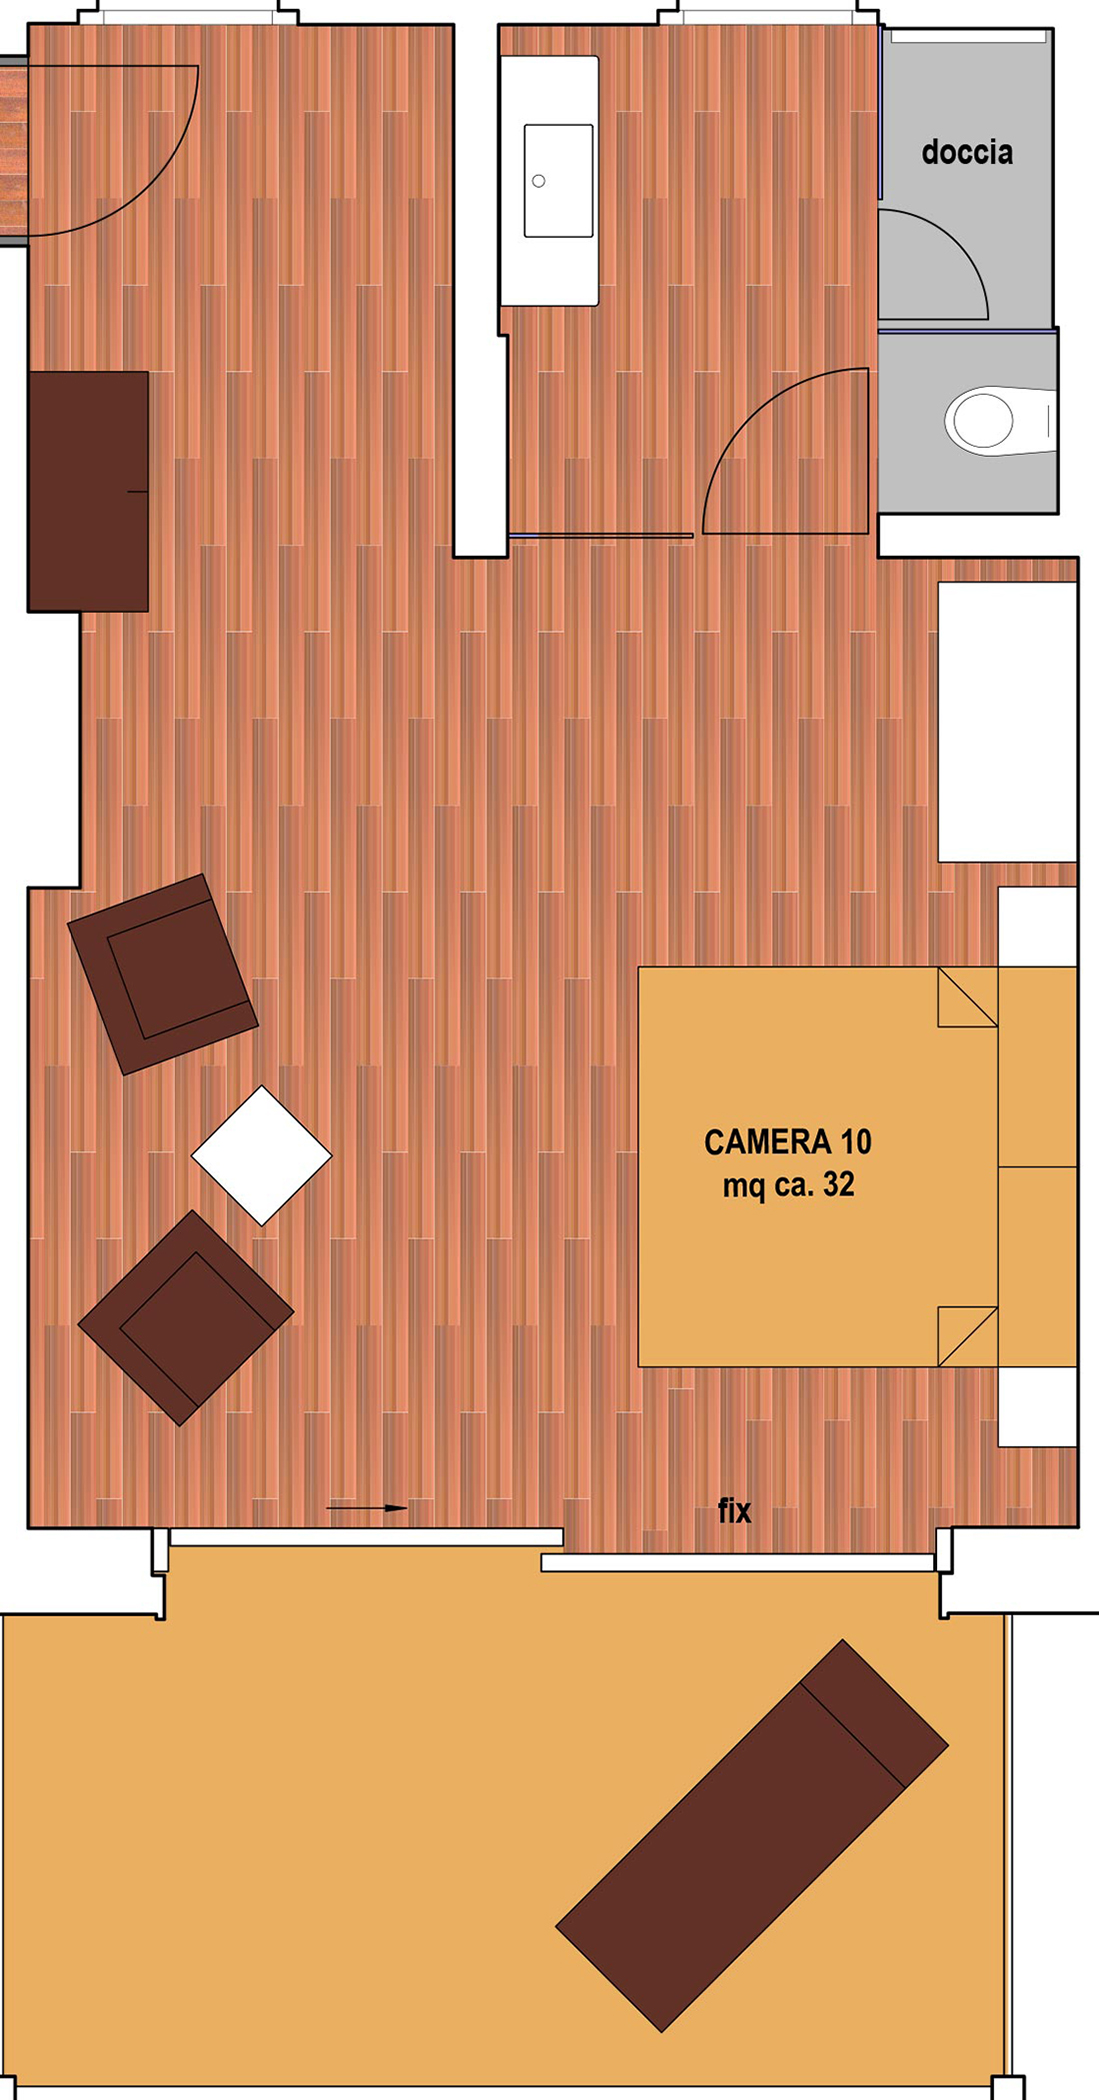 LFC - Camera 8, 9 e 10 - 04.04.14